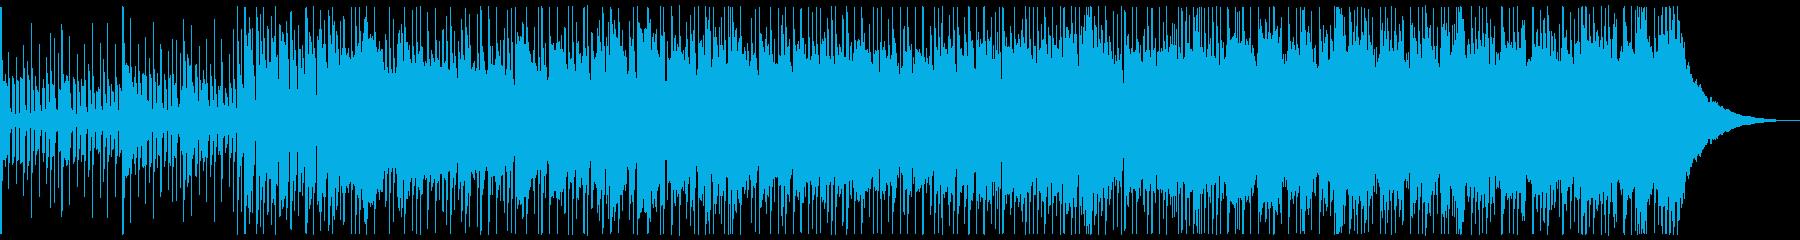 エモいオルタナ系ギターバラードの再生済みの波形